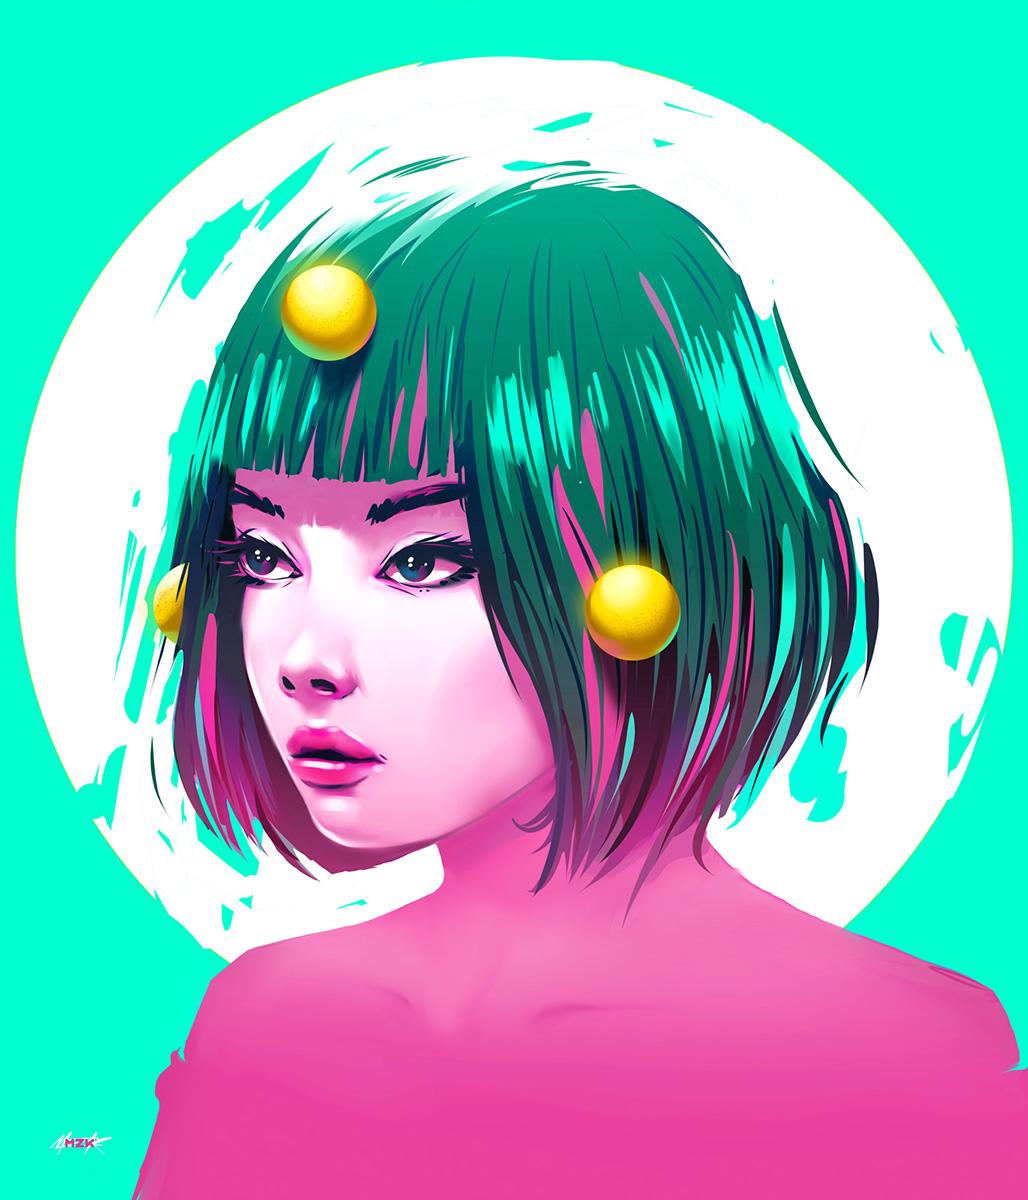 PINK-series-girl3-01